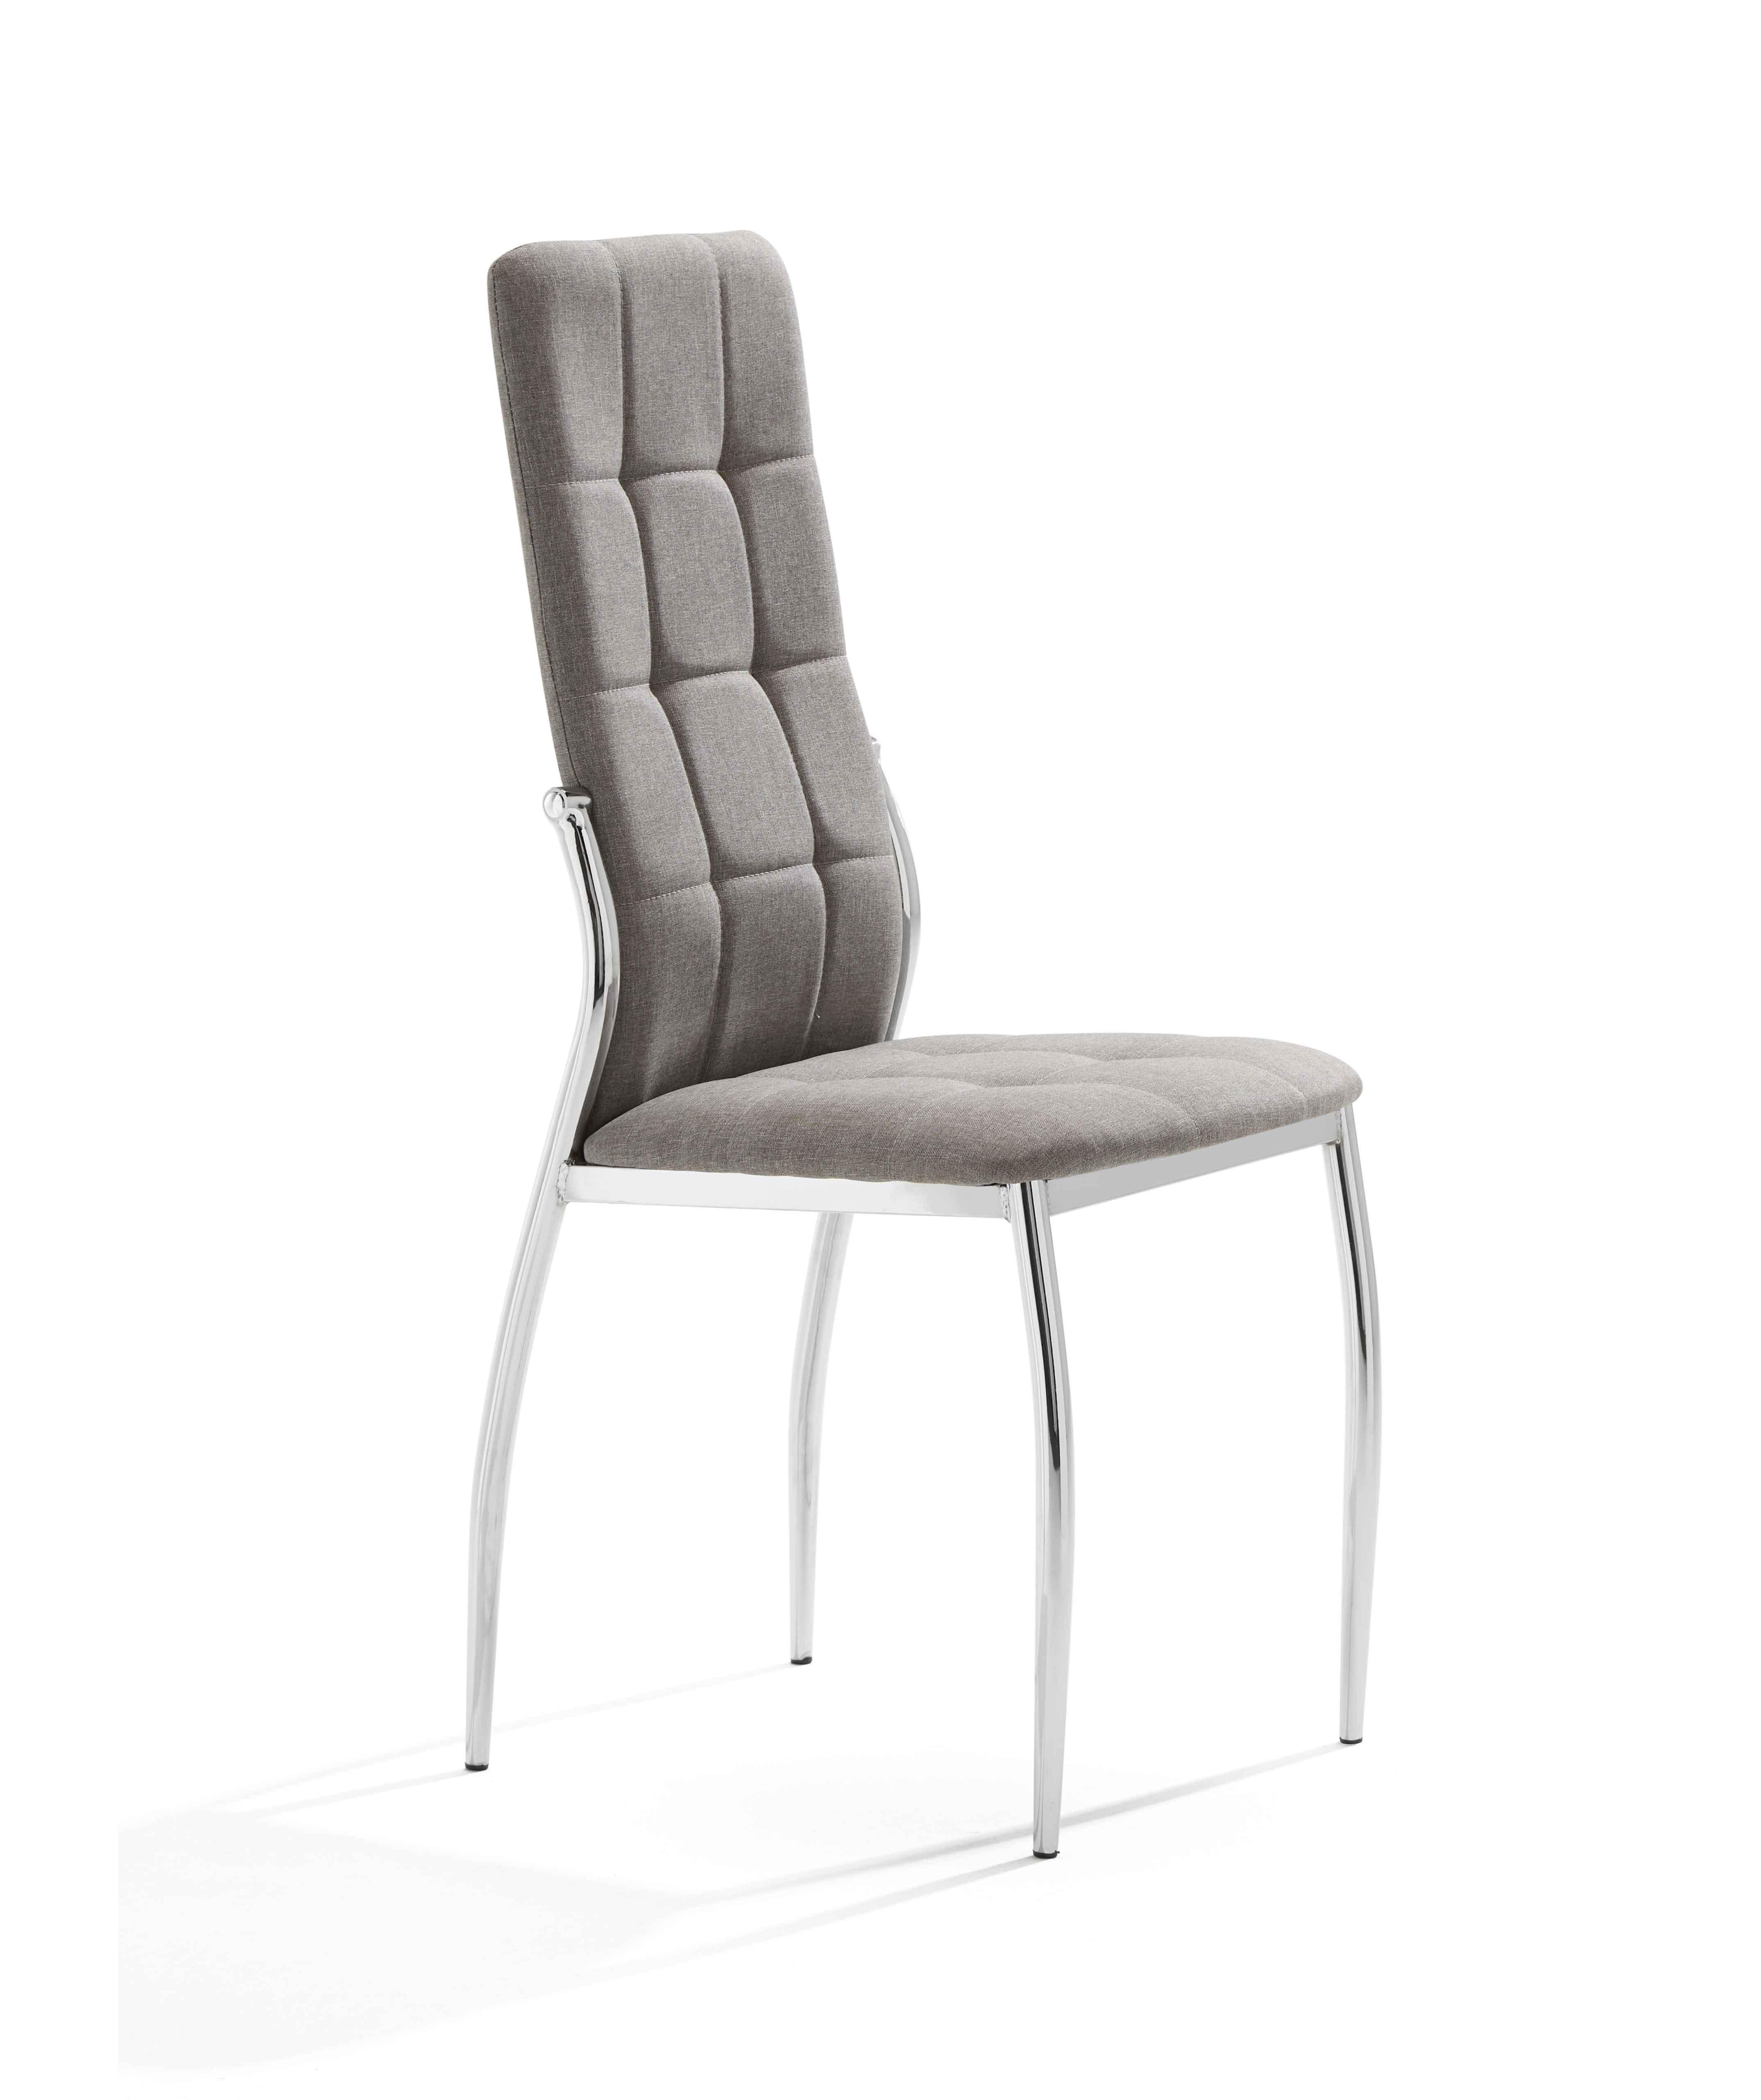 Pack 4 sillas en tela color gris claro mod. Cami